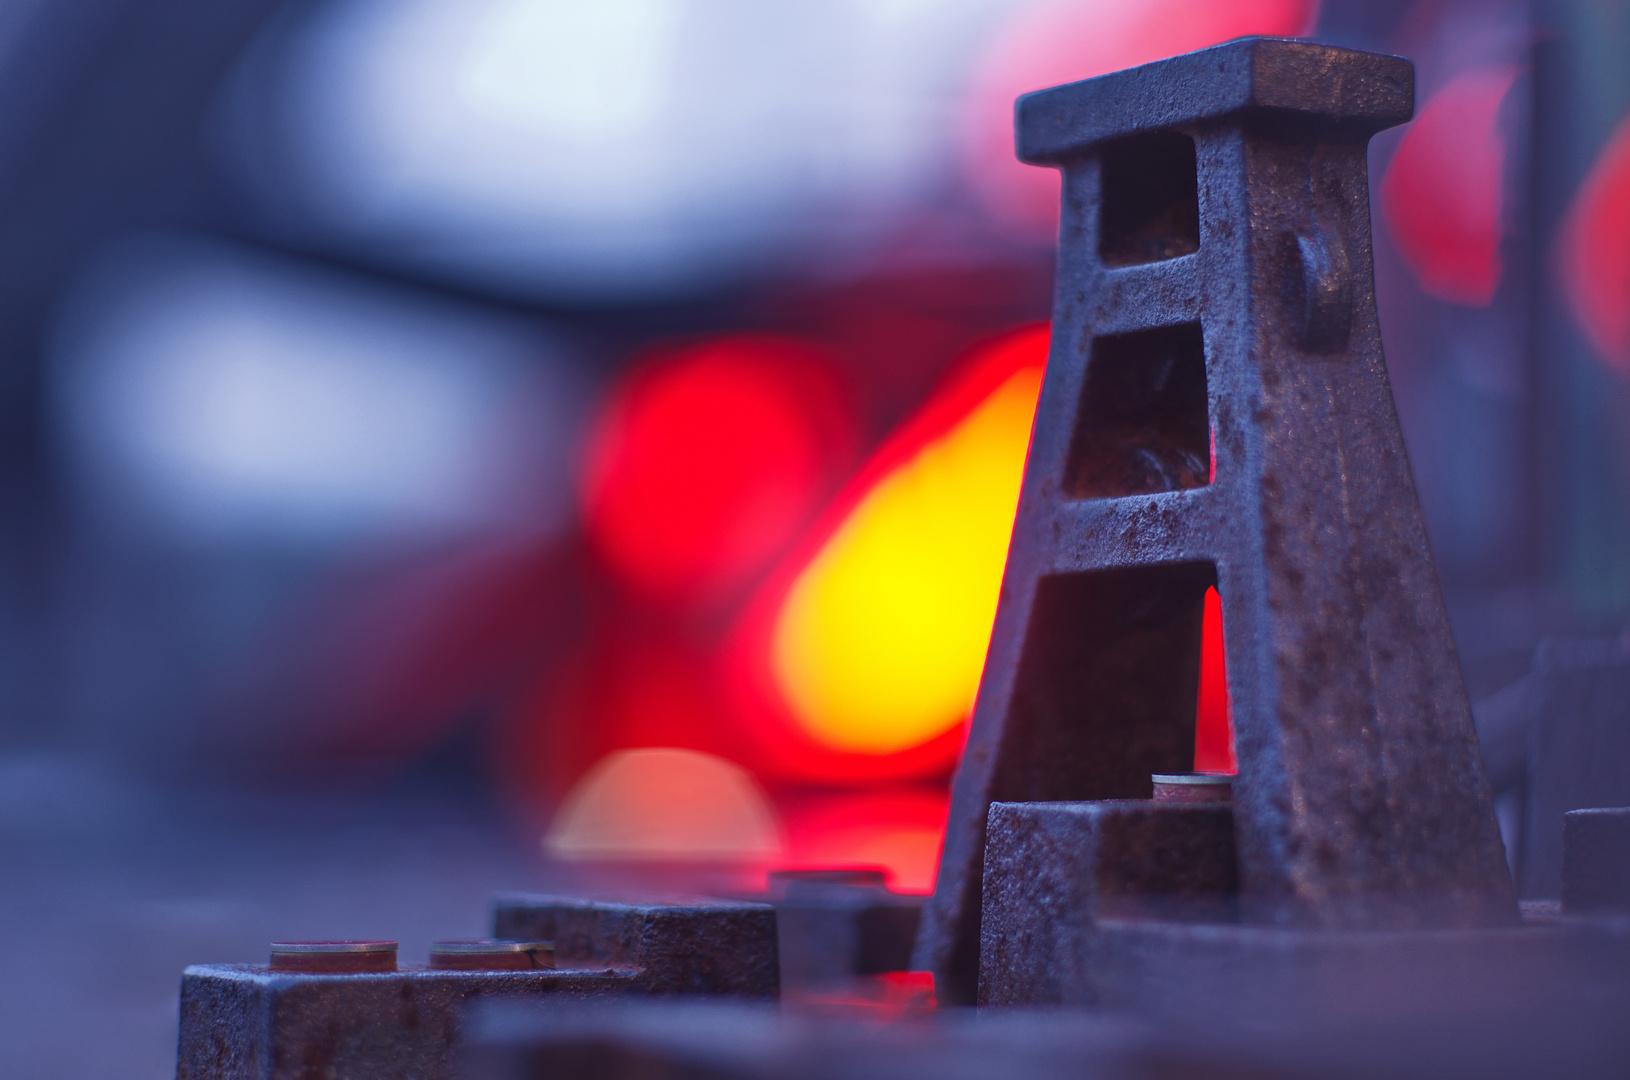 Kohle und Stahl - ganz schön bunt